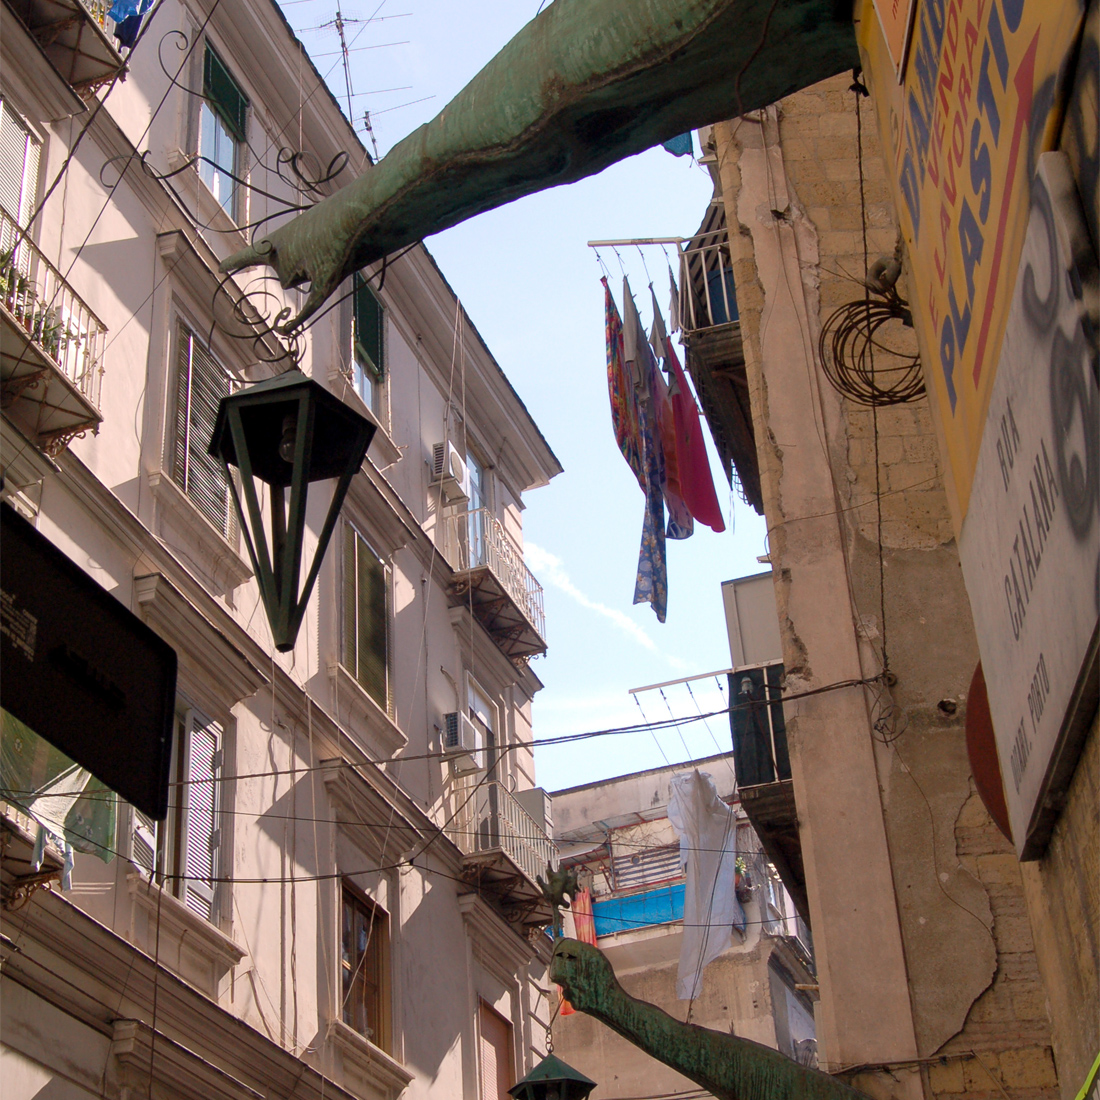 Rua_Catalana_01_1100